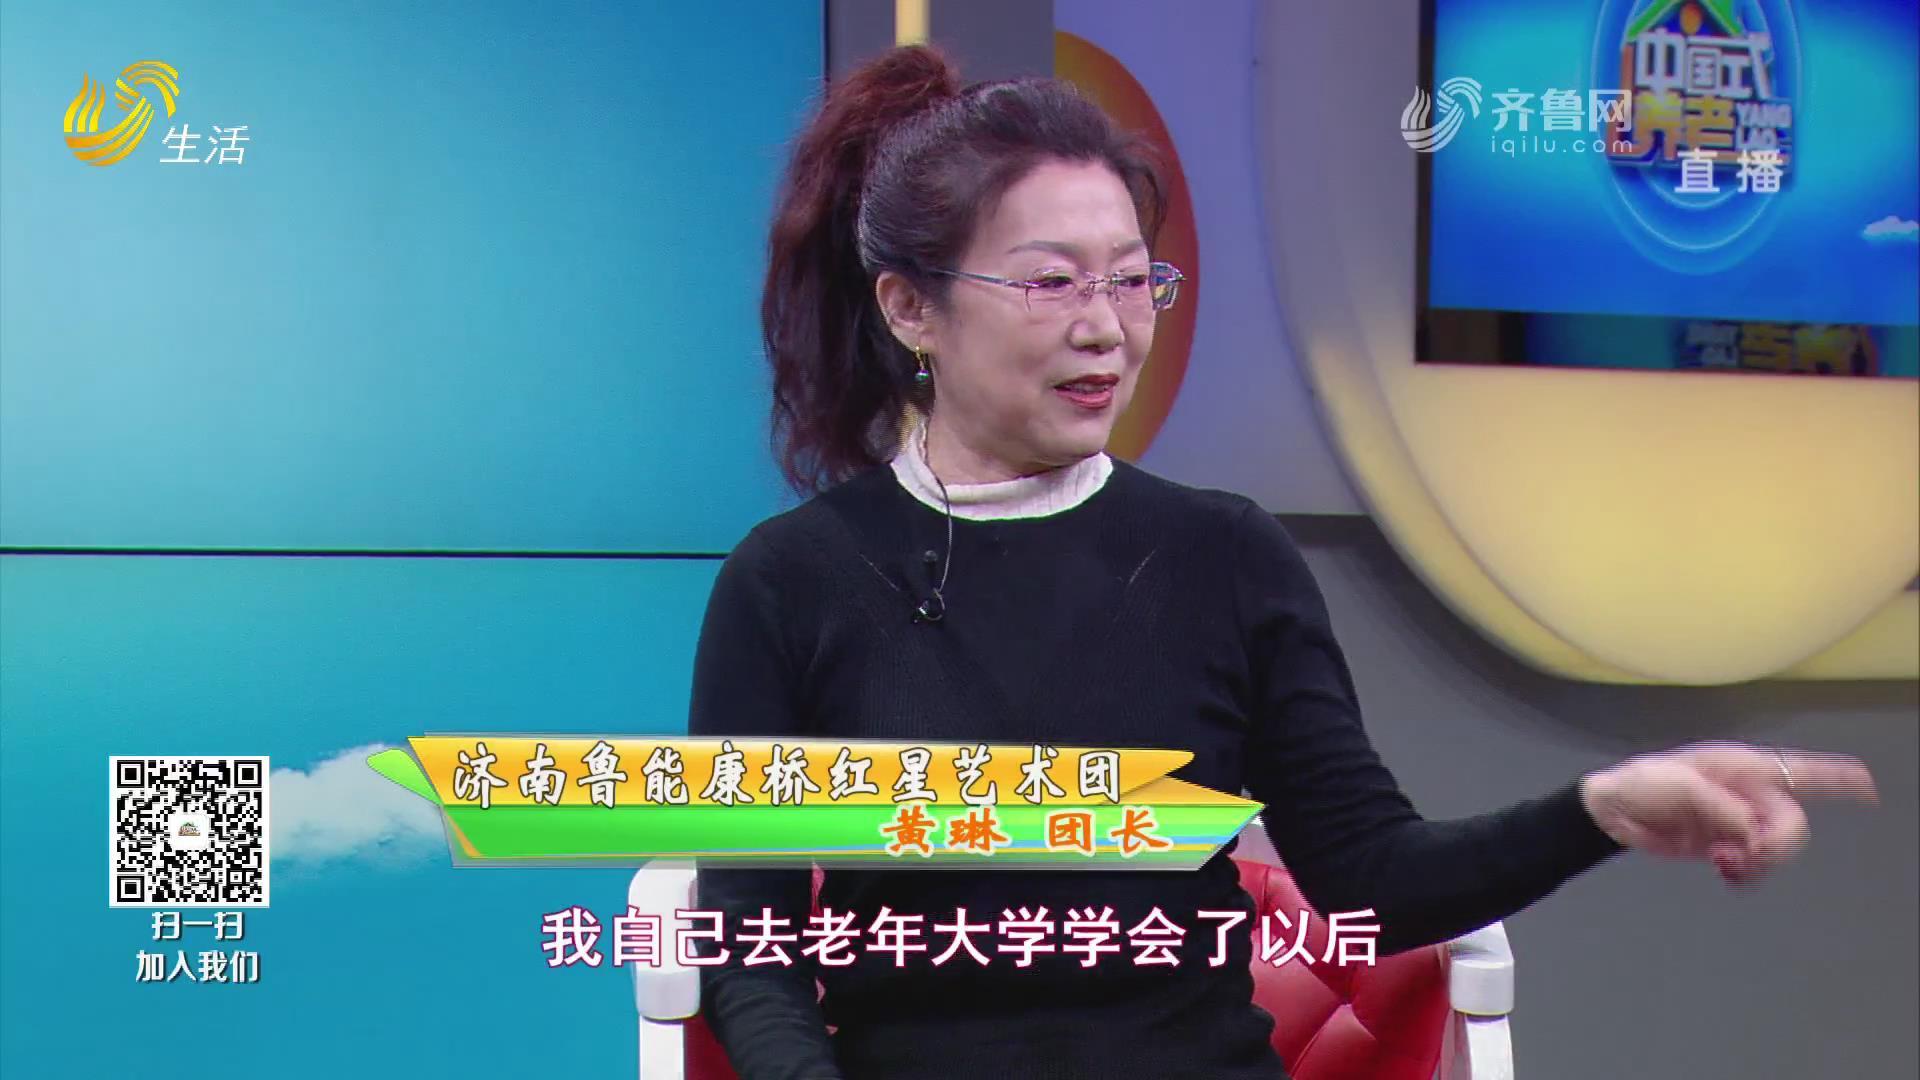 中国式养老- 济南鲁能康桥红星艺术团团长——黄琳